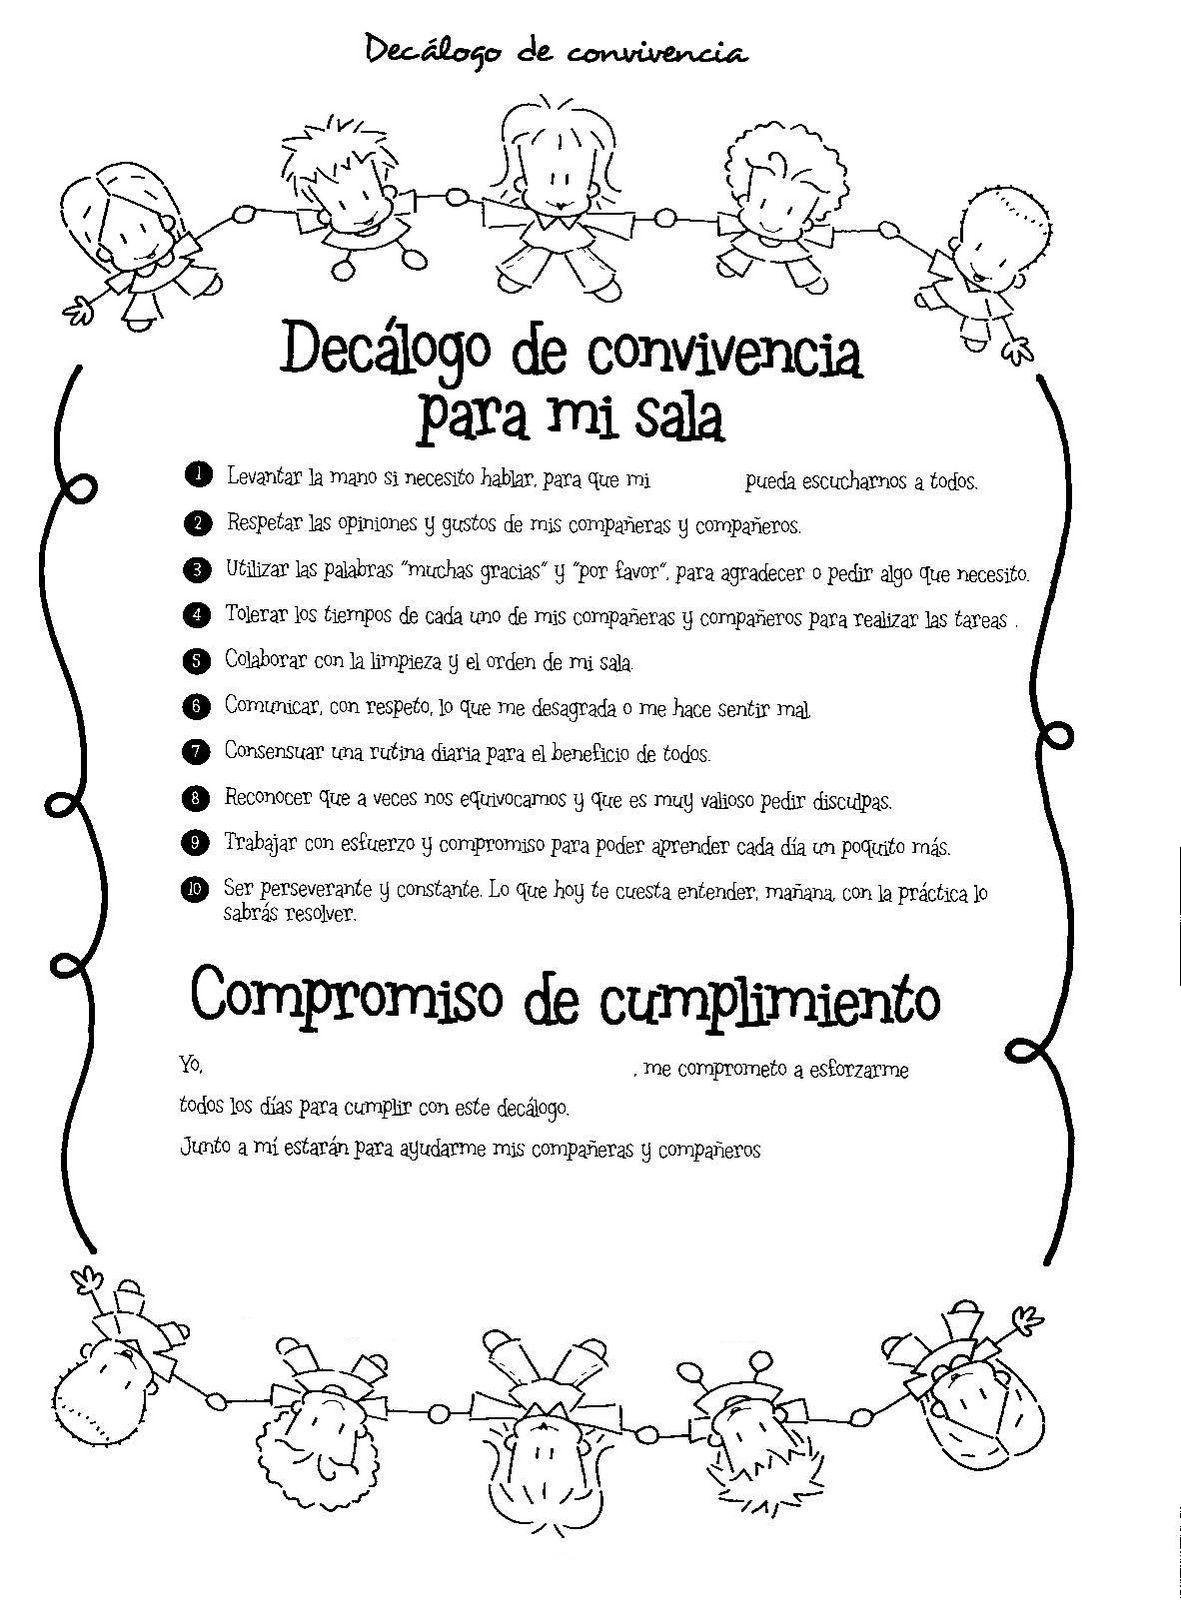 Menta Más Chocolate Recursos Y Actividades Para Educación Infantil Normas De Con Normas De Convivencia Actividades De Convivencia Cuaderno De Comunicaciones